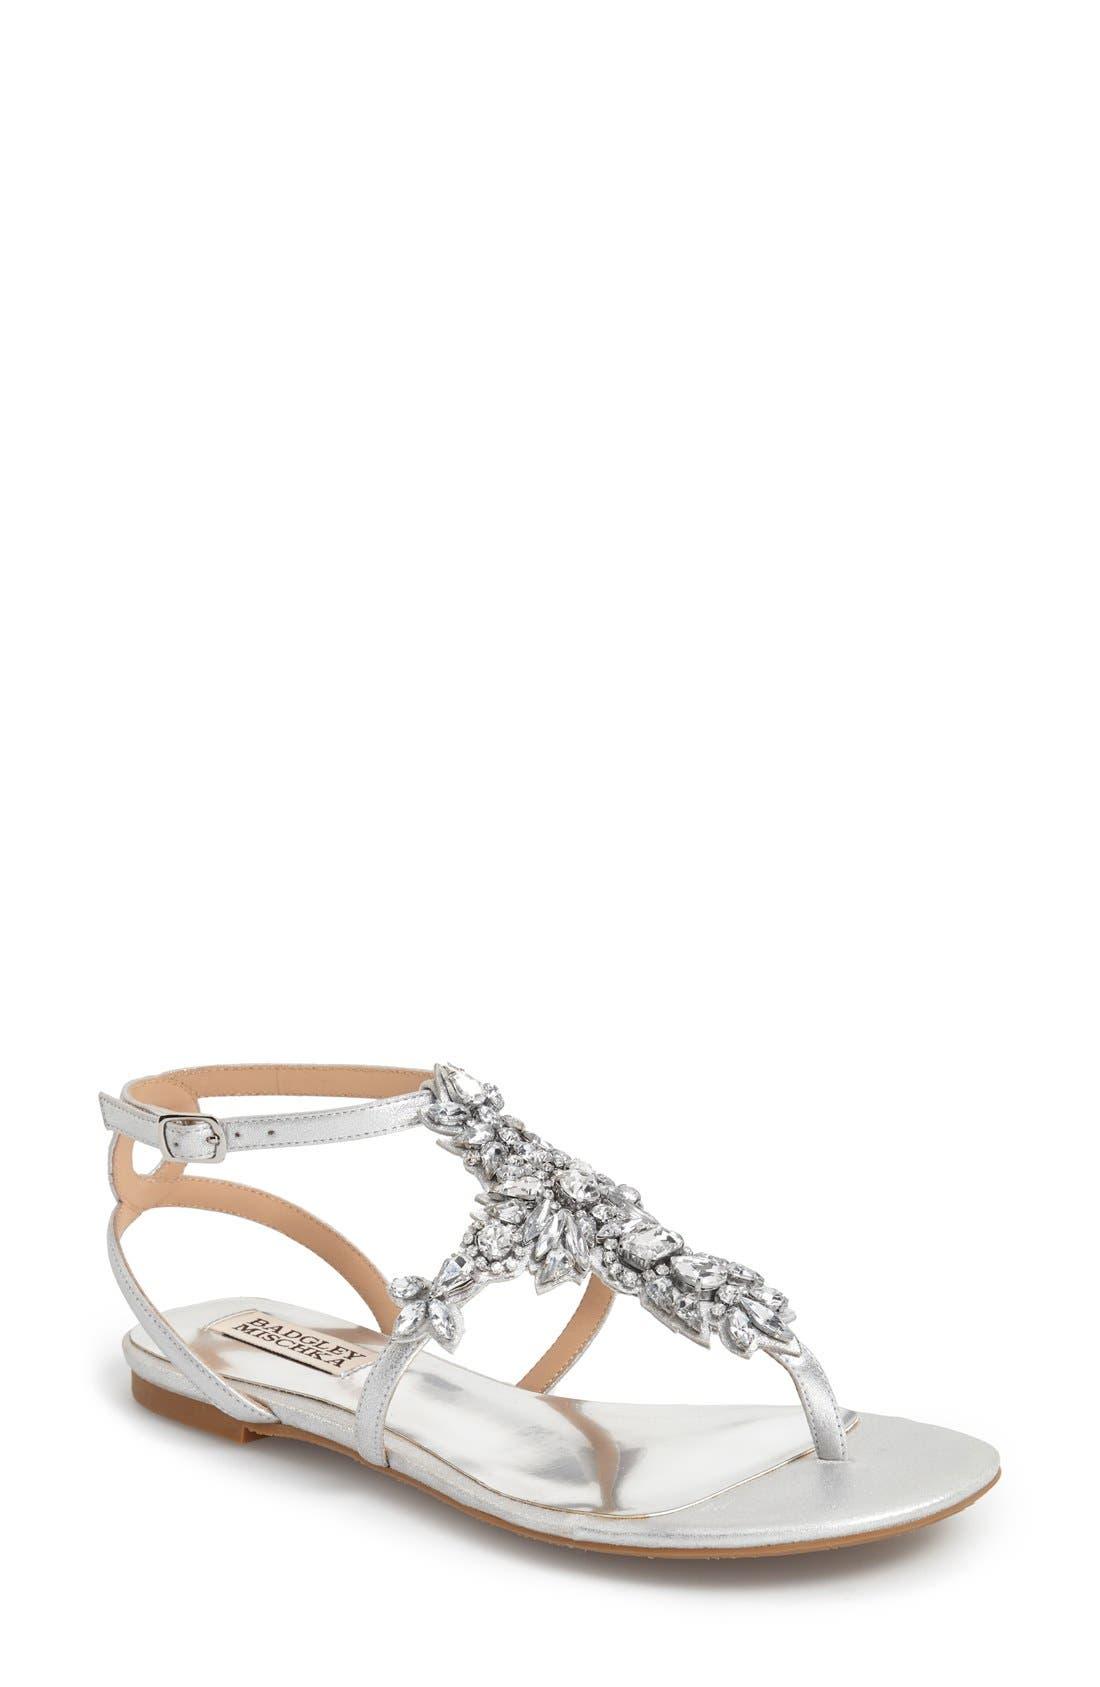 'Cara' Crystal Embellished Flat Sandal,                         Main,                         color, Silver